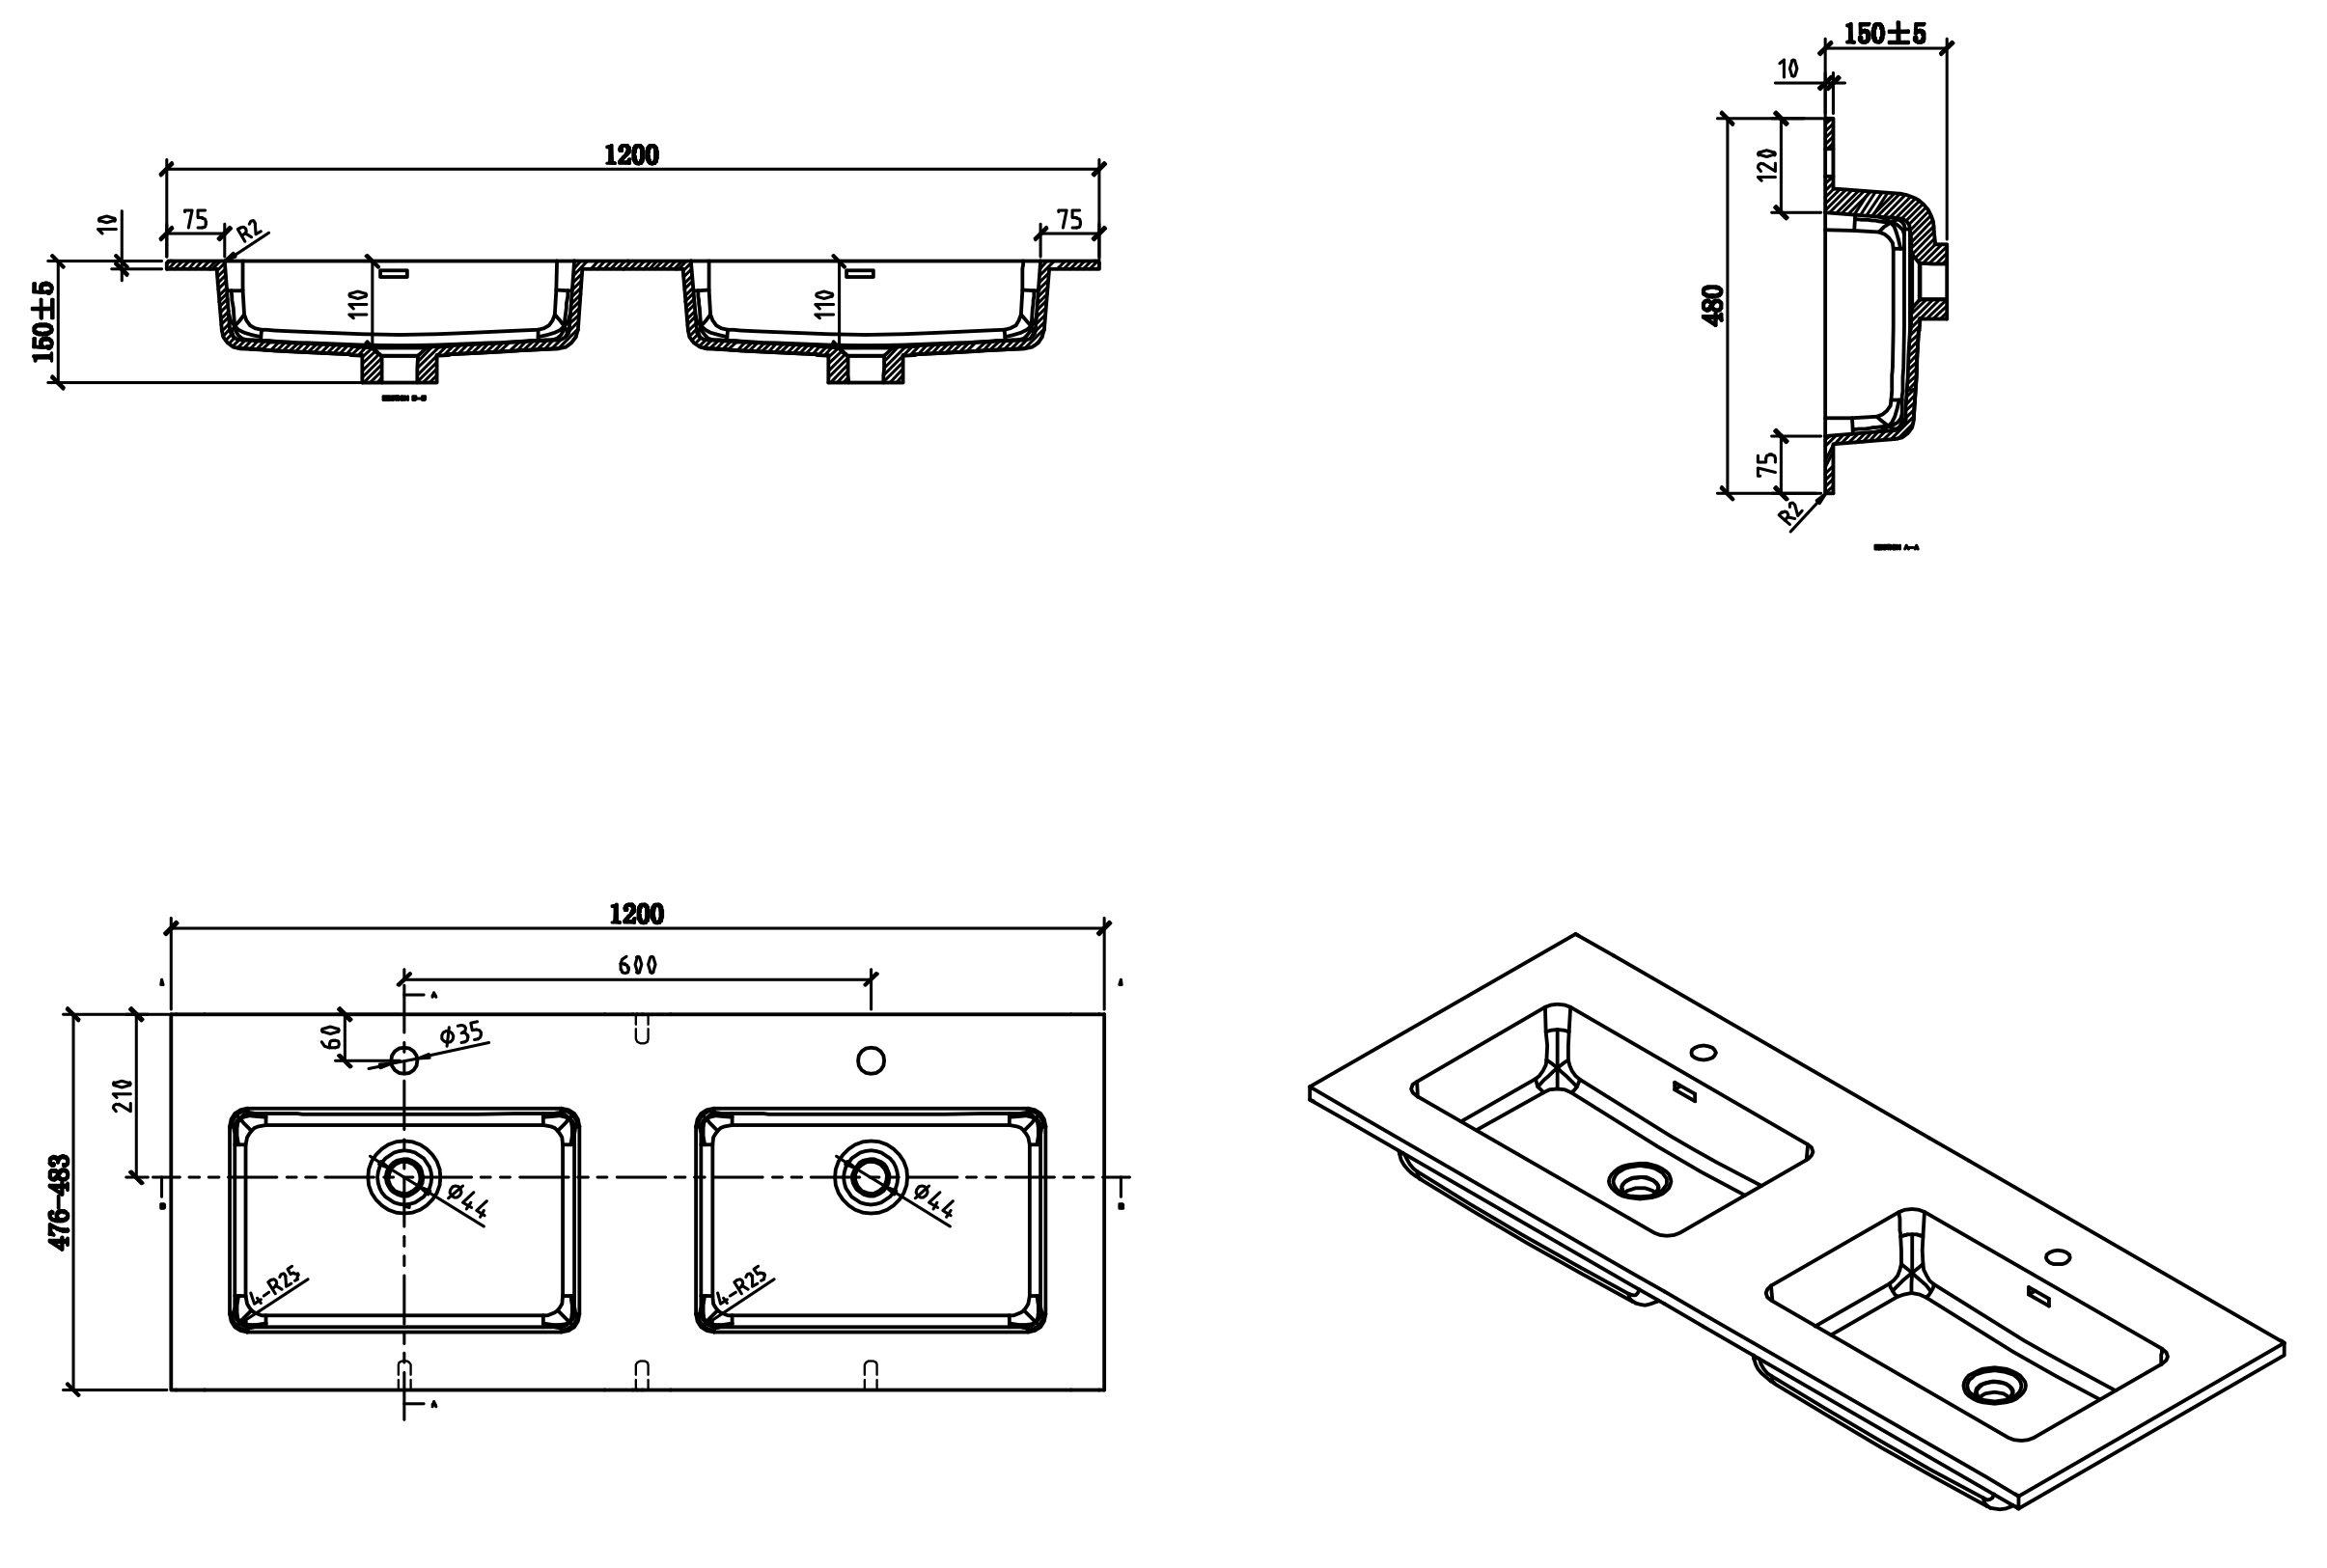 Badmöbel-Set Alice 1200 Beton-Optik - Spiegel und Seitenschränke optional zoom thumbnail 6